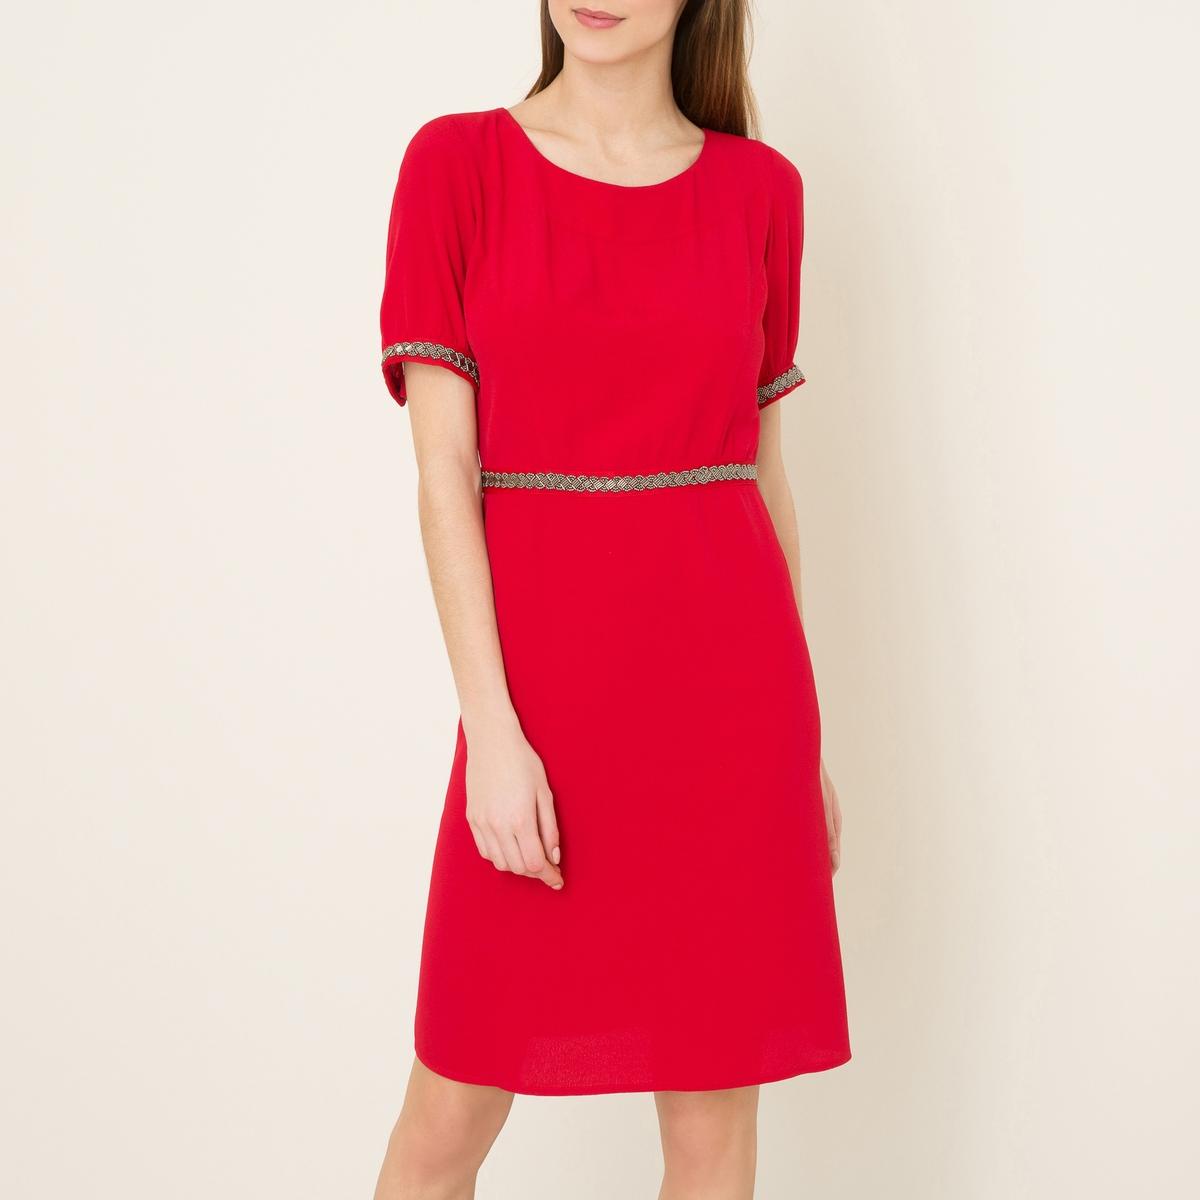 Платье YOUTHПлатье BA&amp;SH - модель YOUTH из струящейся ткани . Закругленный вырез  . Короткие рукава. Декоративная отделка низа рукавов и пояса . Открытая спинка  .Состав и описание    Материал : 100% вискоза   Марка : BA&amp;SH<br><br>Цвет: красный<br>Размер: M.L